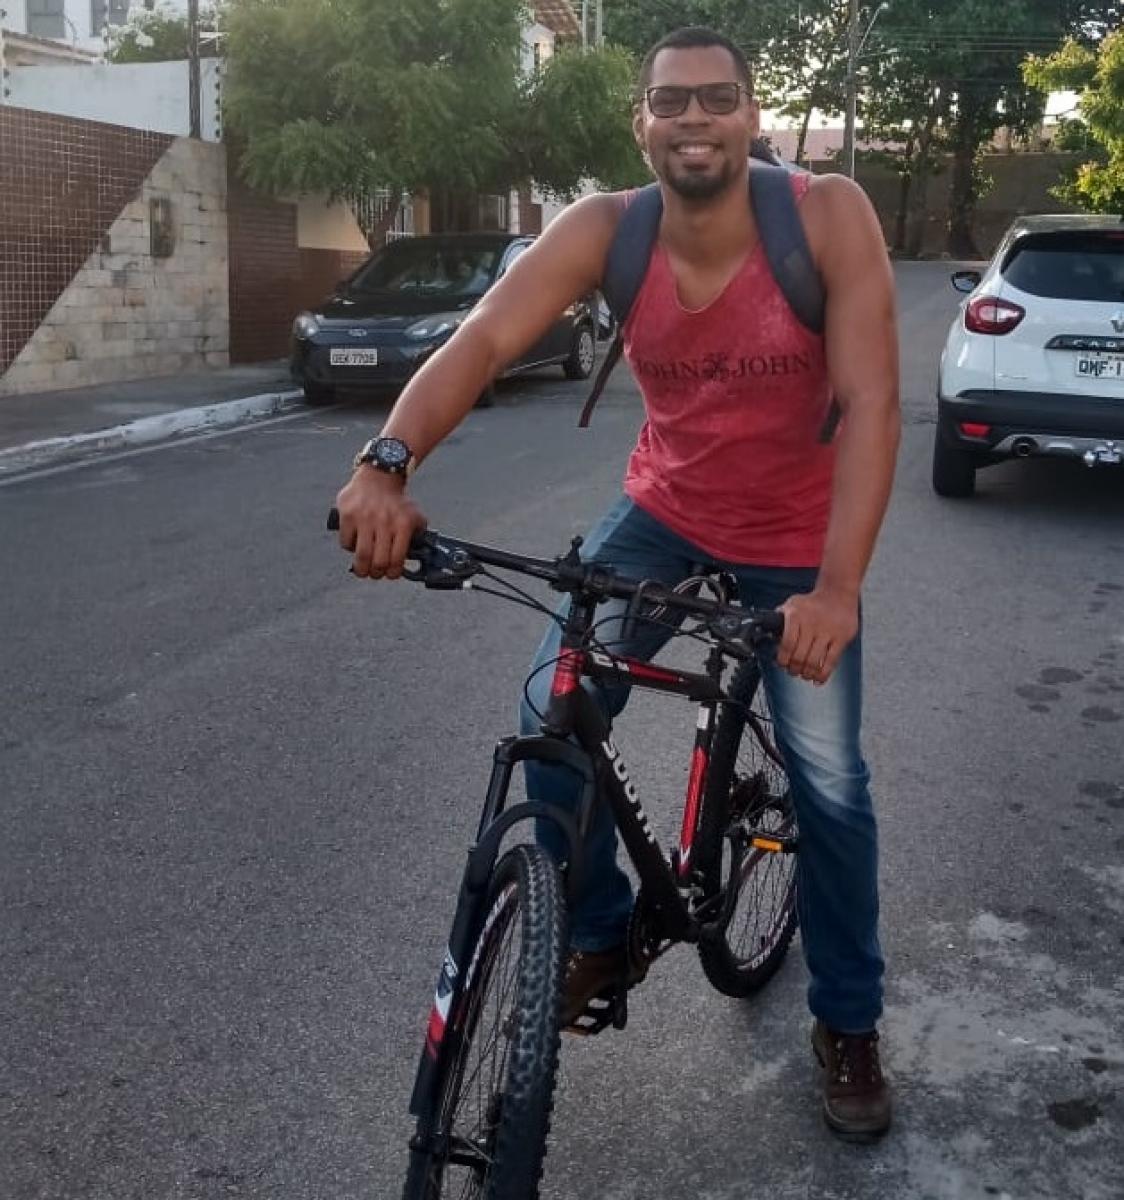 Rivaldo Antônio mudou seu hábito de deslocamento após transtornos. Foto: Saullo Hipolito/ F5 News